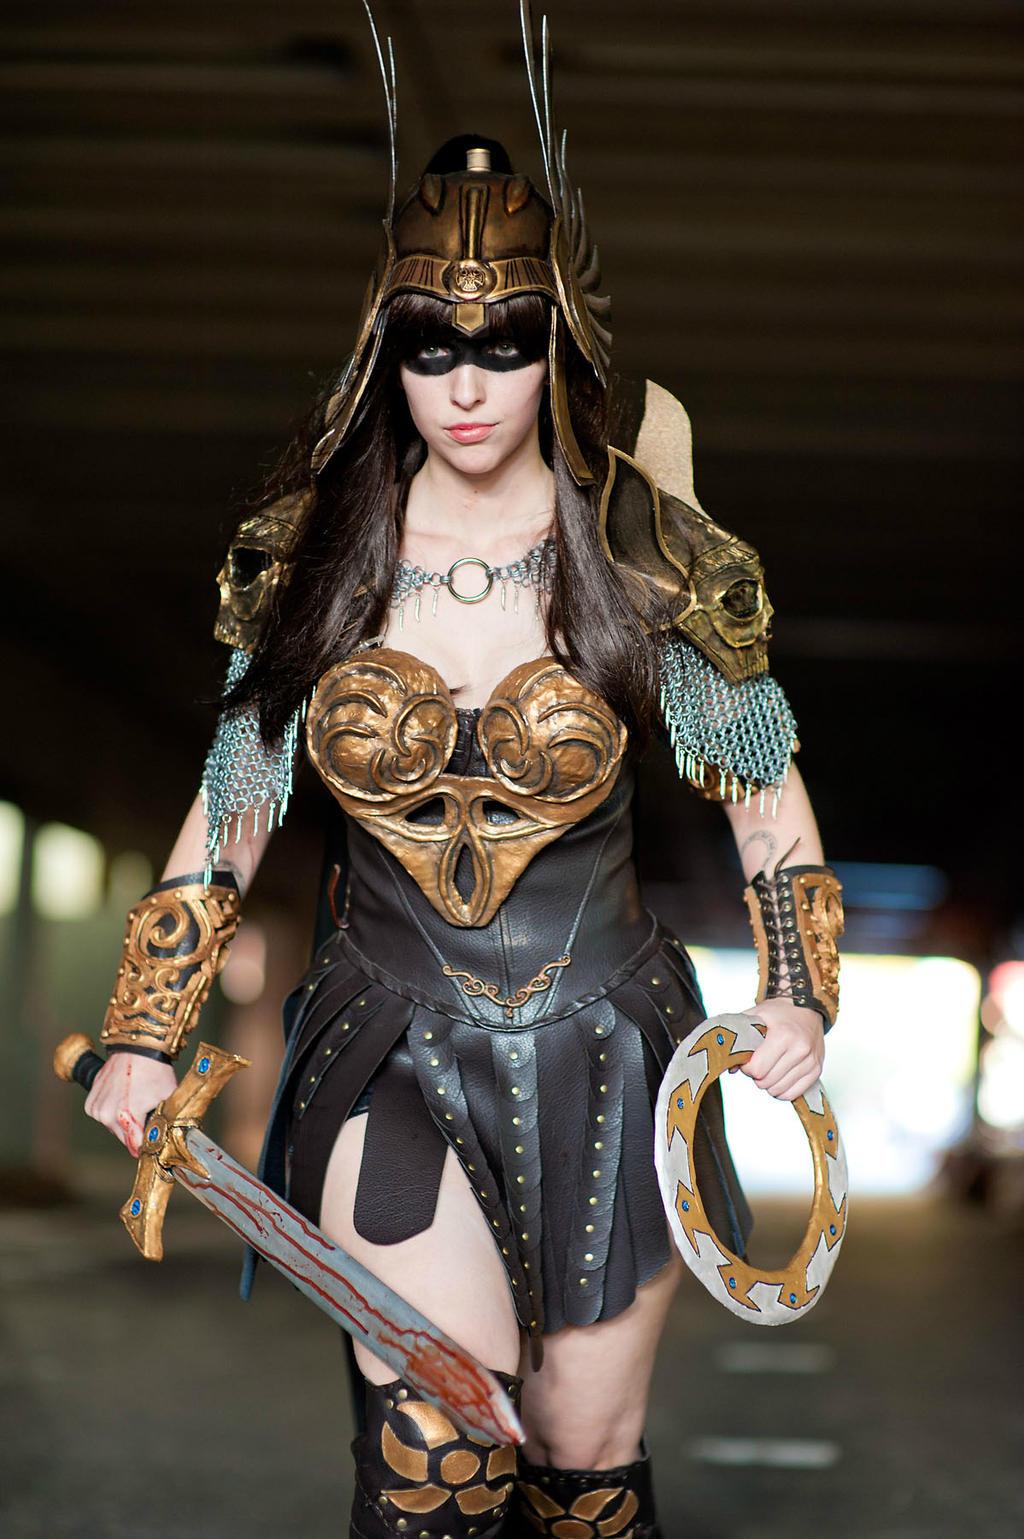 Dark Warrior Princess by BrassIvyDesign on DeviantArt